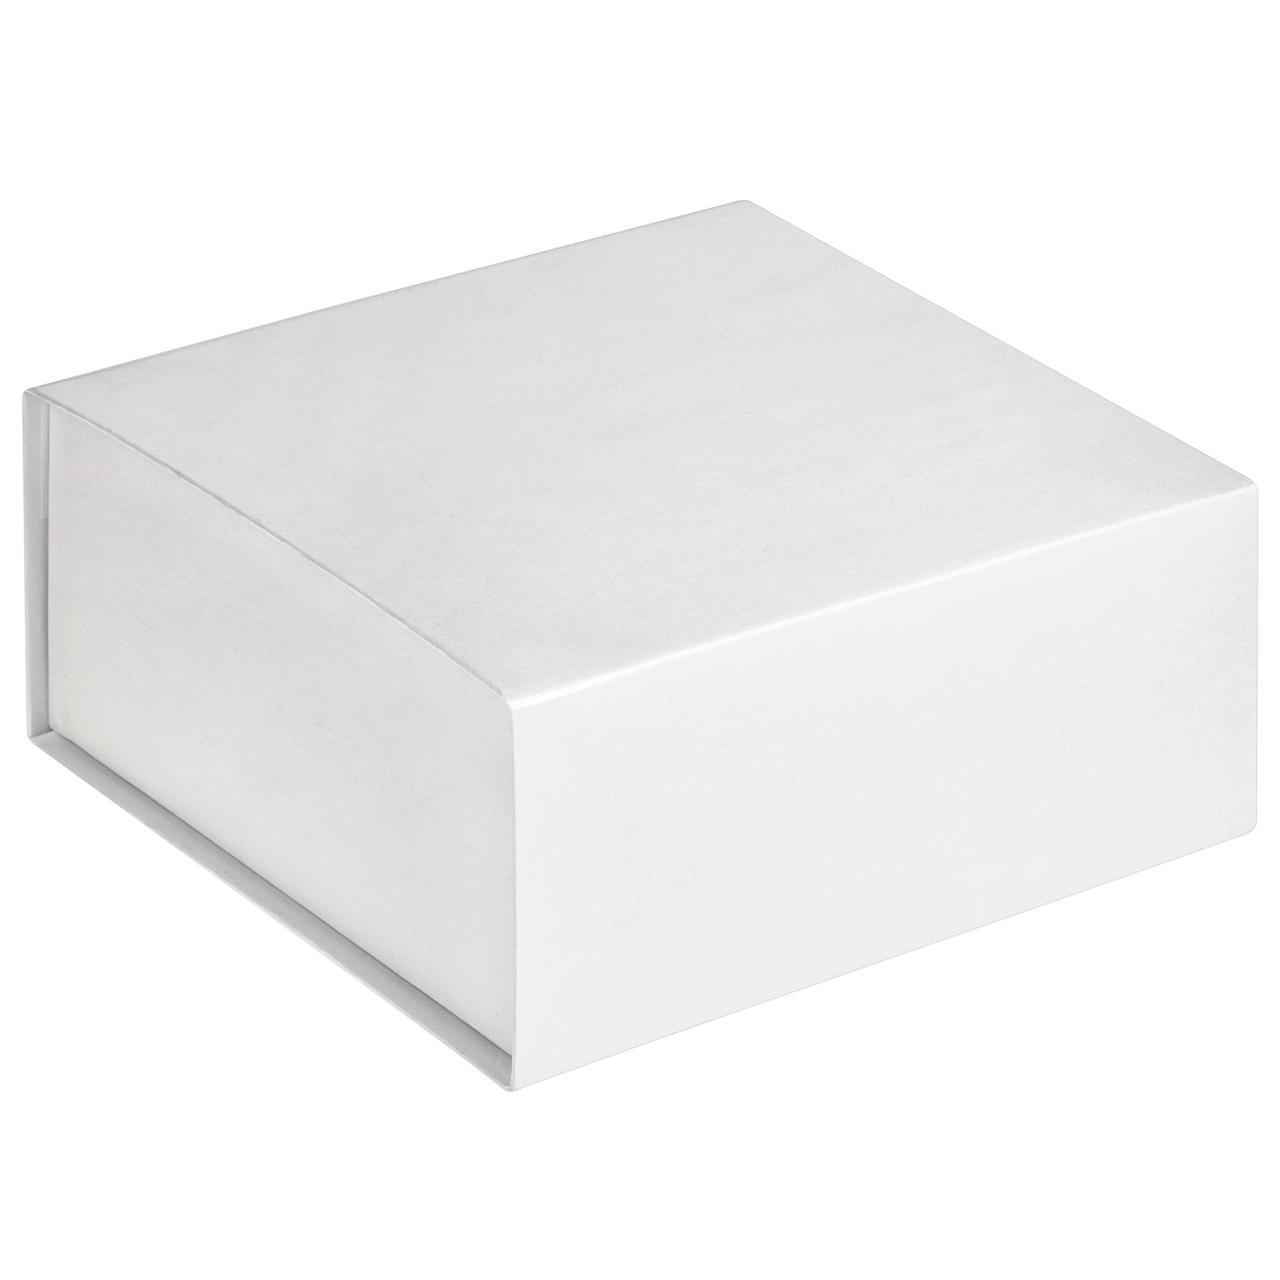 Коробка Amaze, белая (артикул 7586.60)